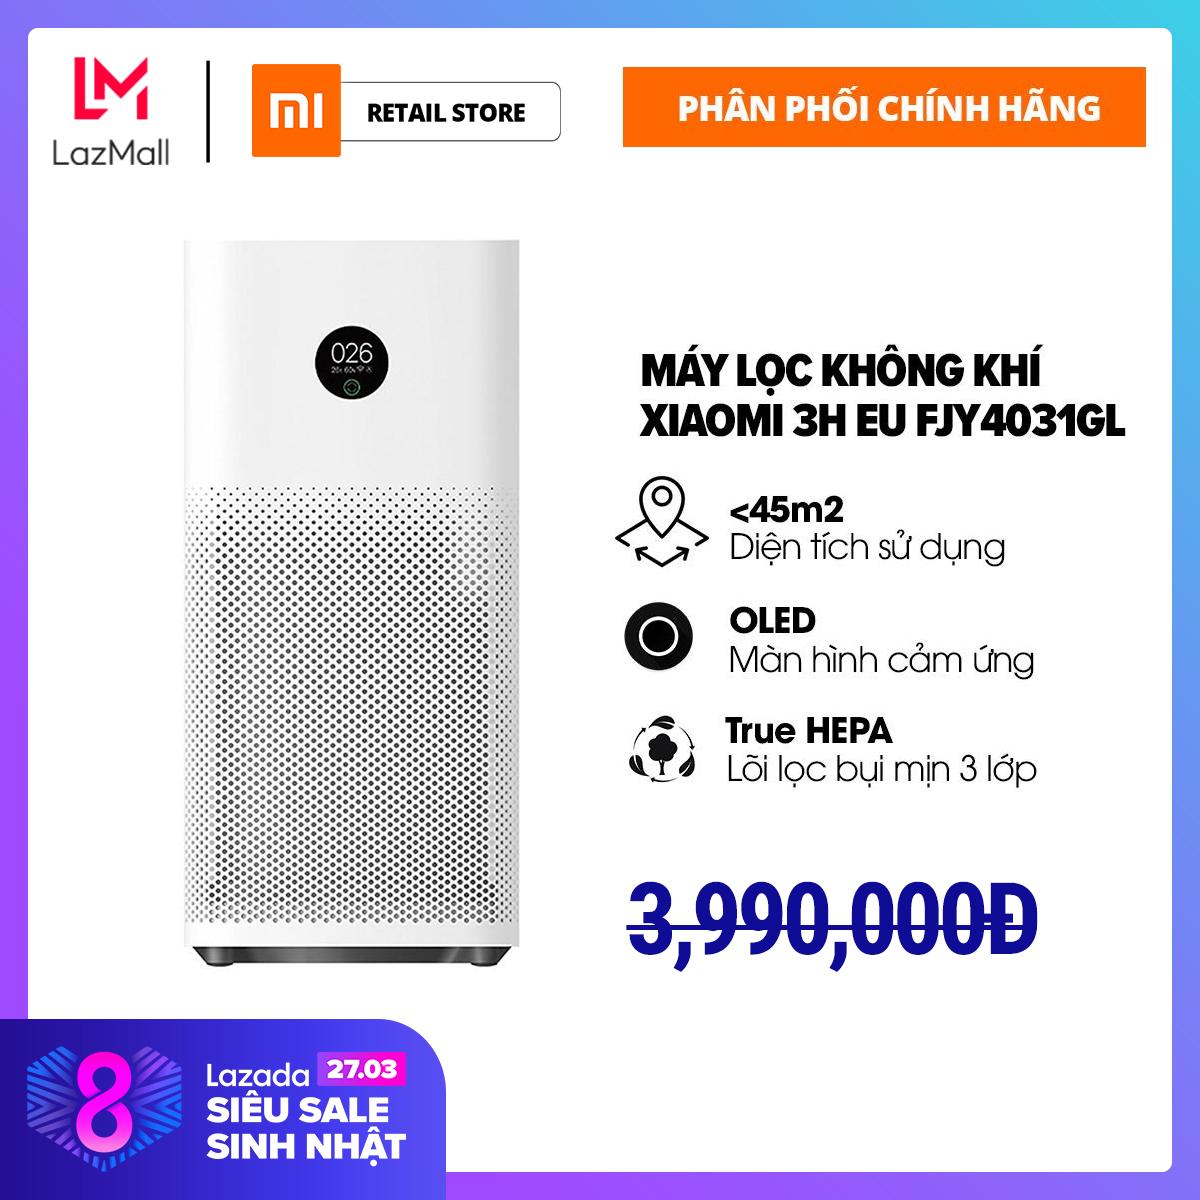 Máy Lọc Không Khí Xiaomi 3H EU FJY4031GL - Hàng Phân Phối Chính Hãng - Trang bị lõi lọc chuẩn HEPA - loại bỏ 9997% các loại bụi có kích thước 0.3 nano